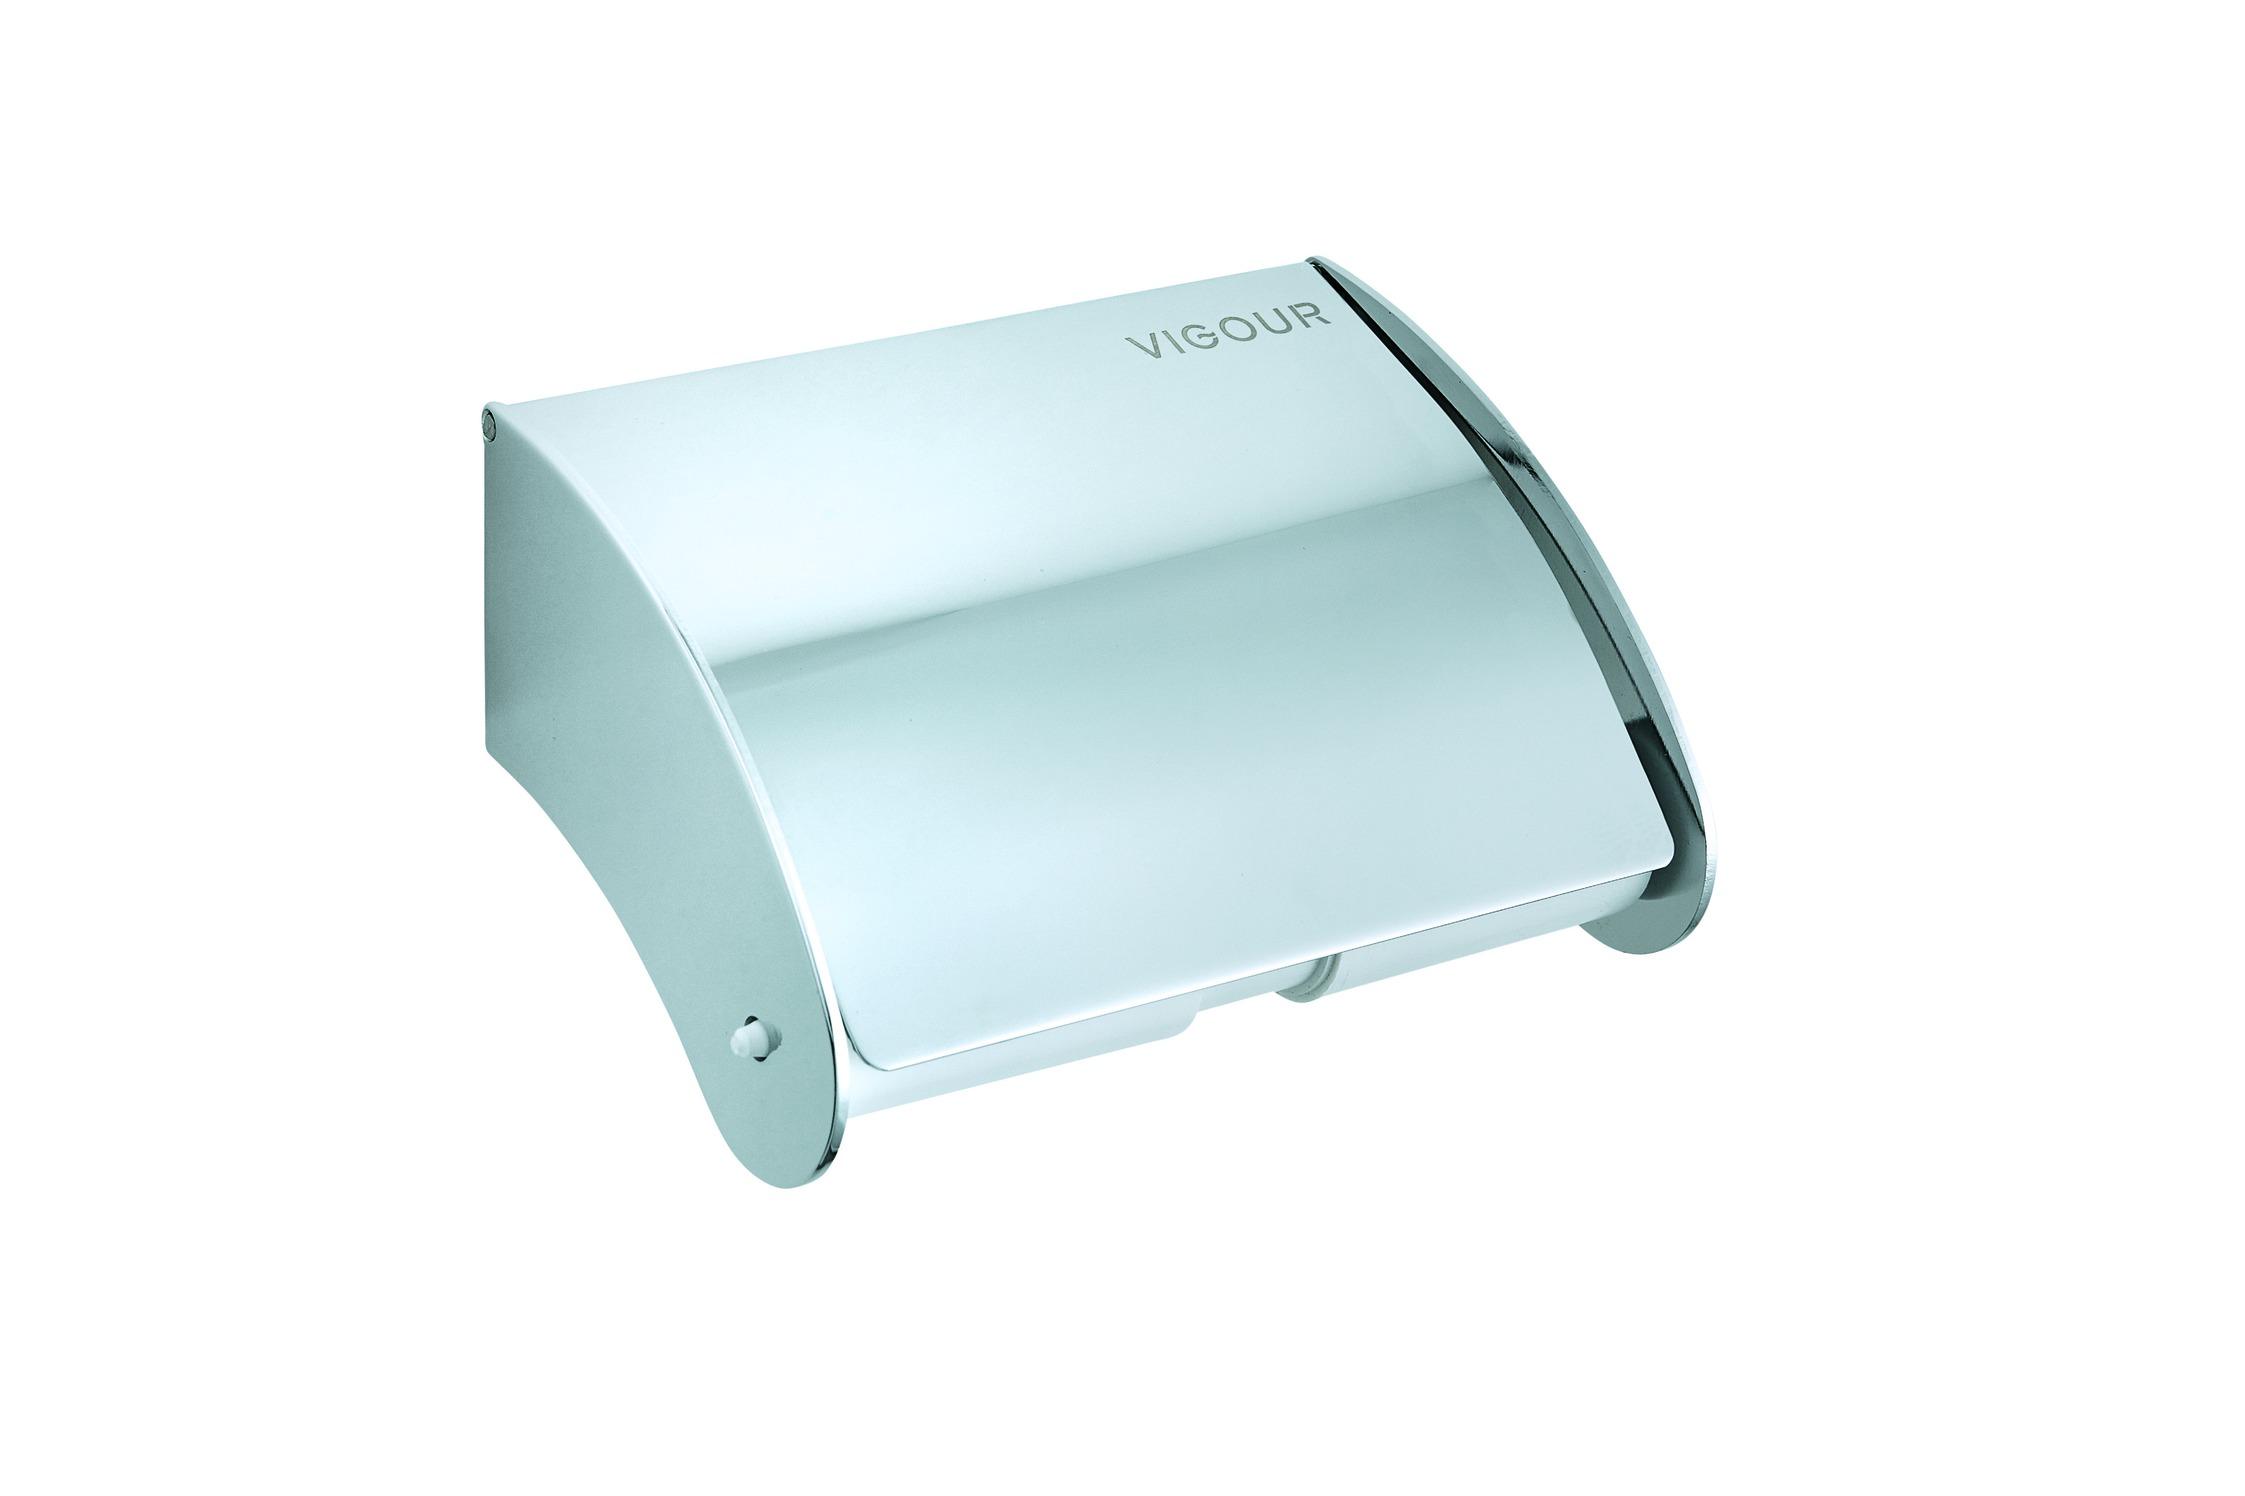 vigour clivia vigour clivia wc papierrollenhalter clivphn. Black Bedroom Furniture Sets. Home Design Ideas